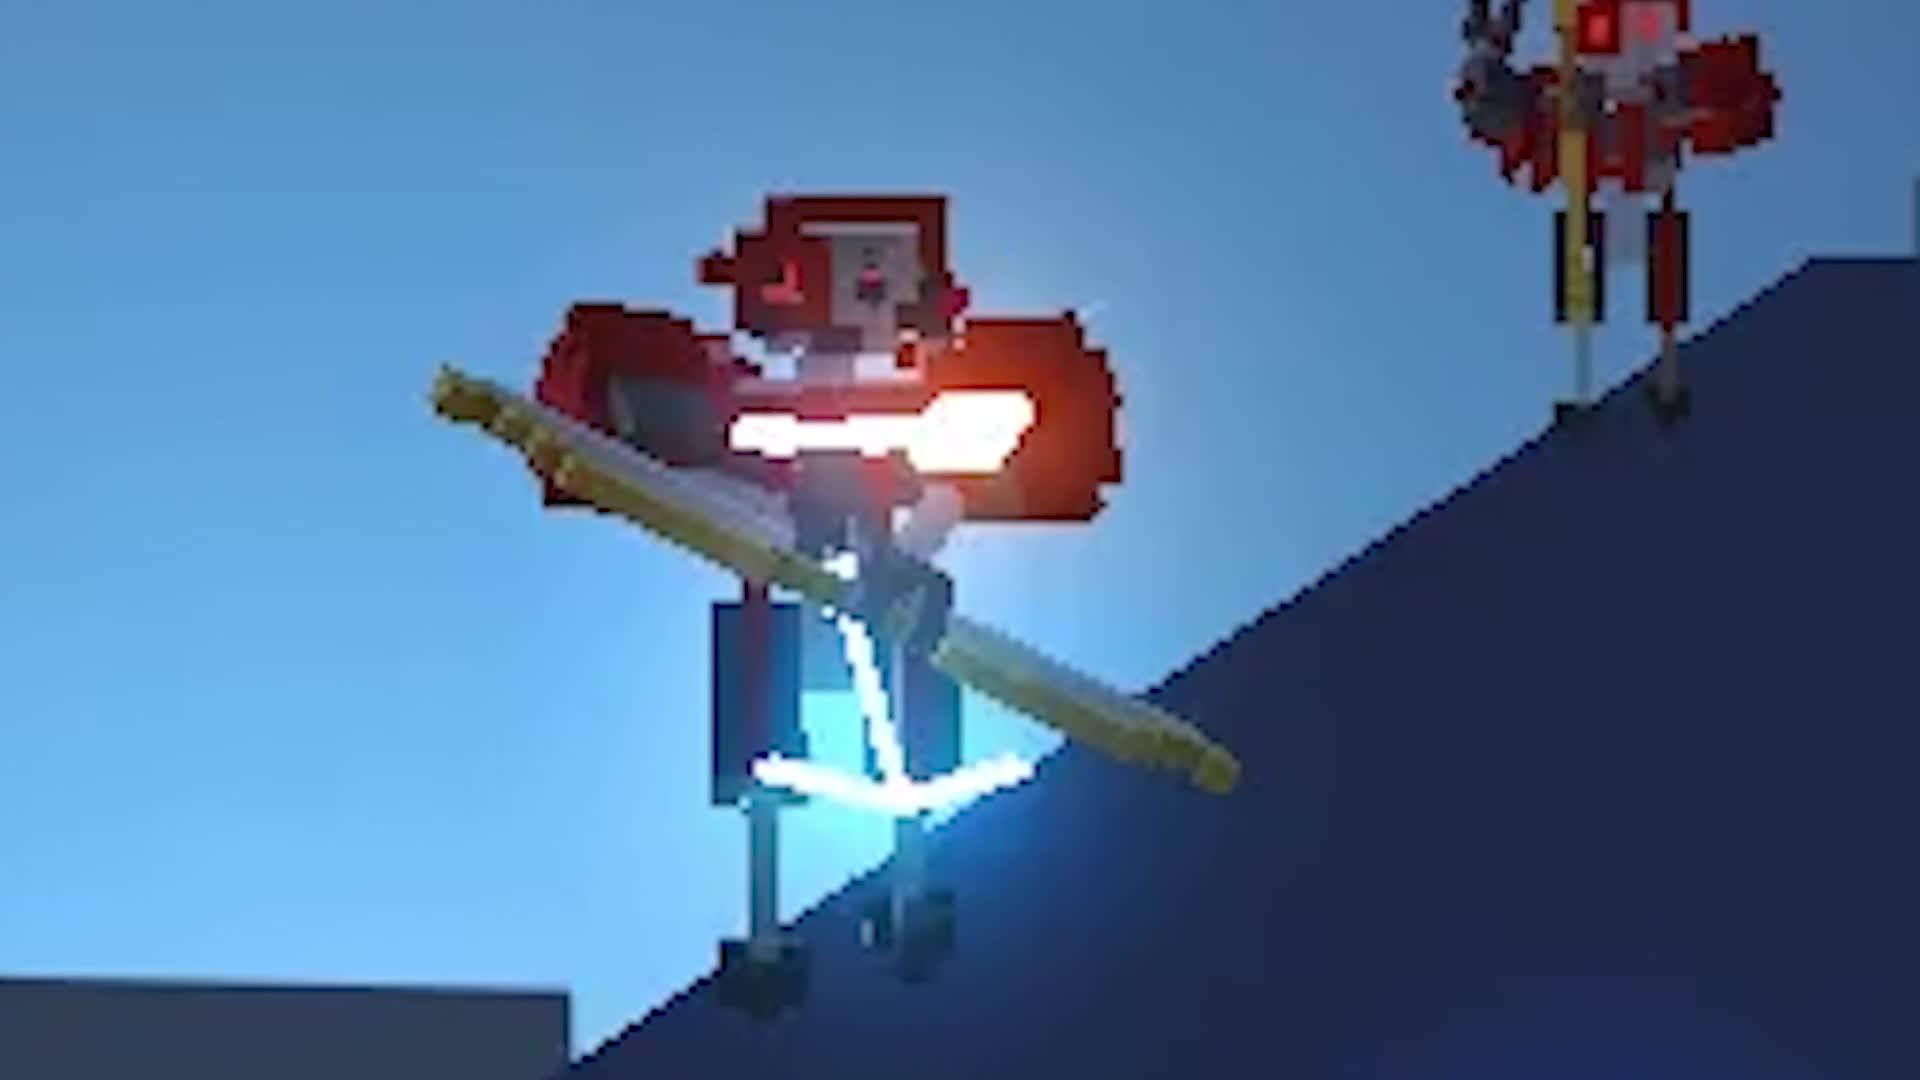 沙雕机器人在线灭队友